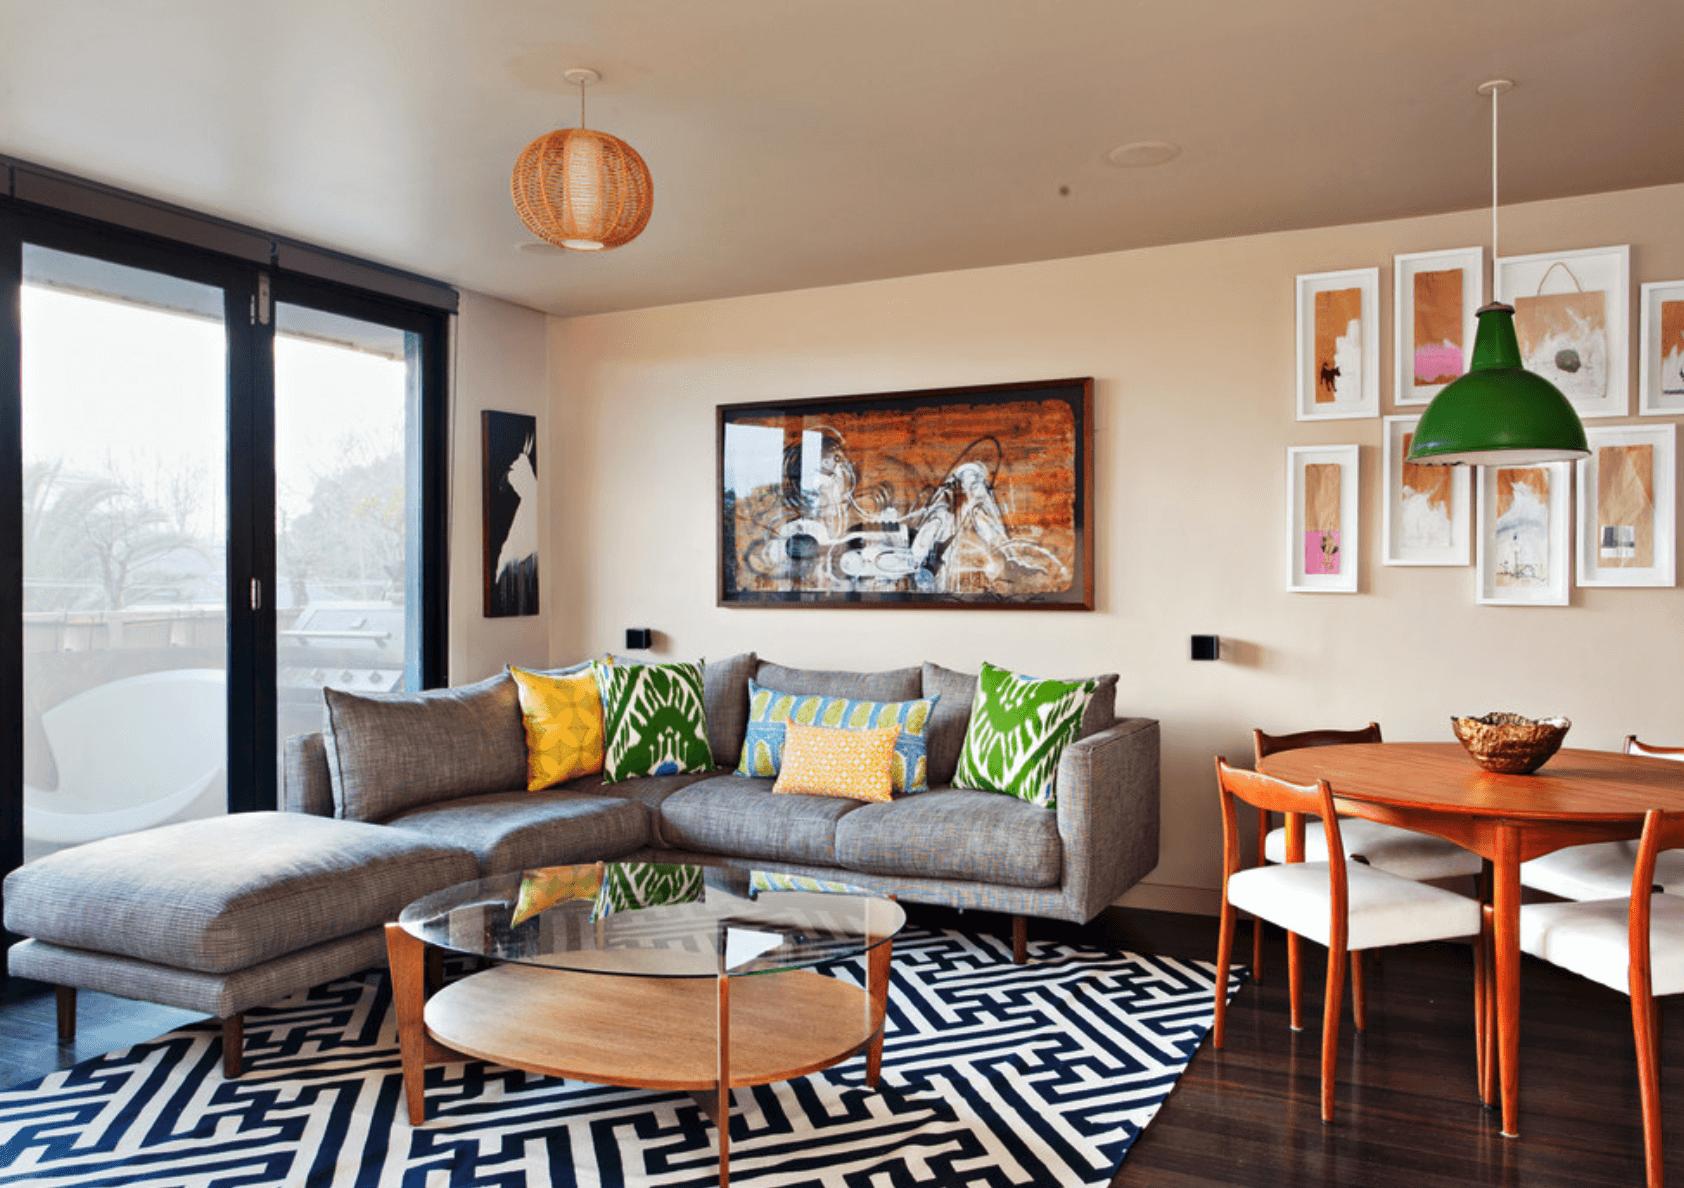 #9E5B2D Relacionado com sala de estar sala de jantar 1684x1188 píxeis em Como Decorar Uma Sala Pequena De Forma Barata